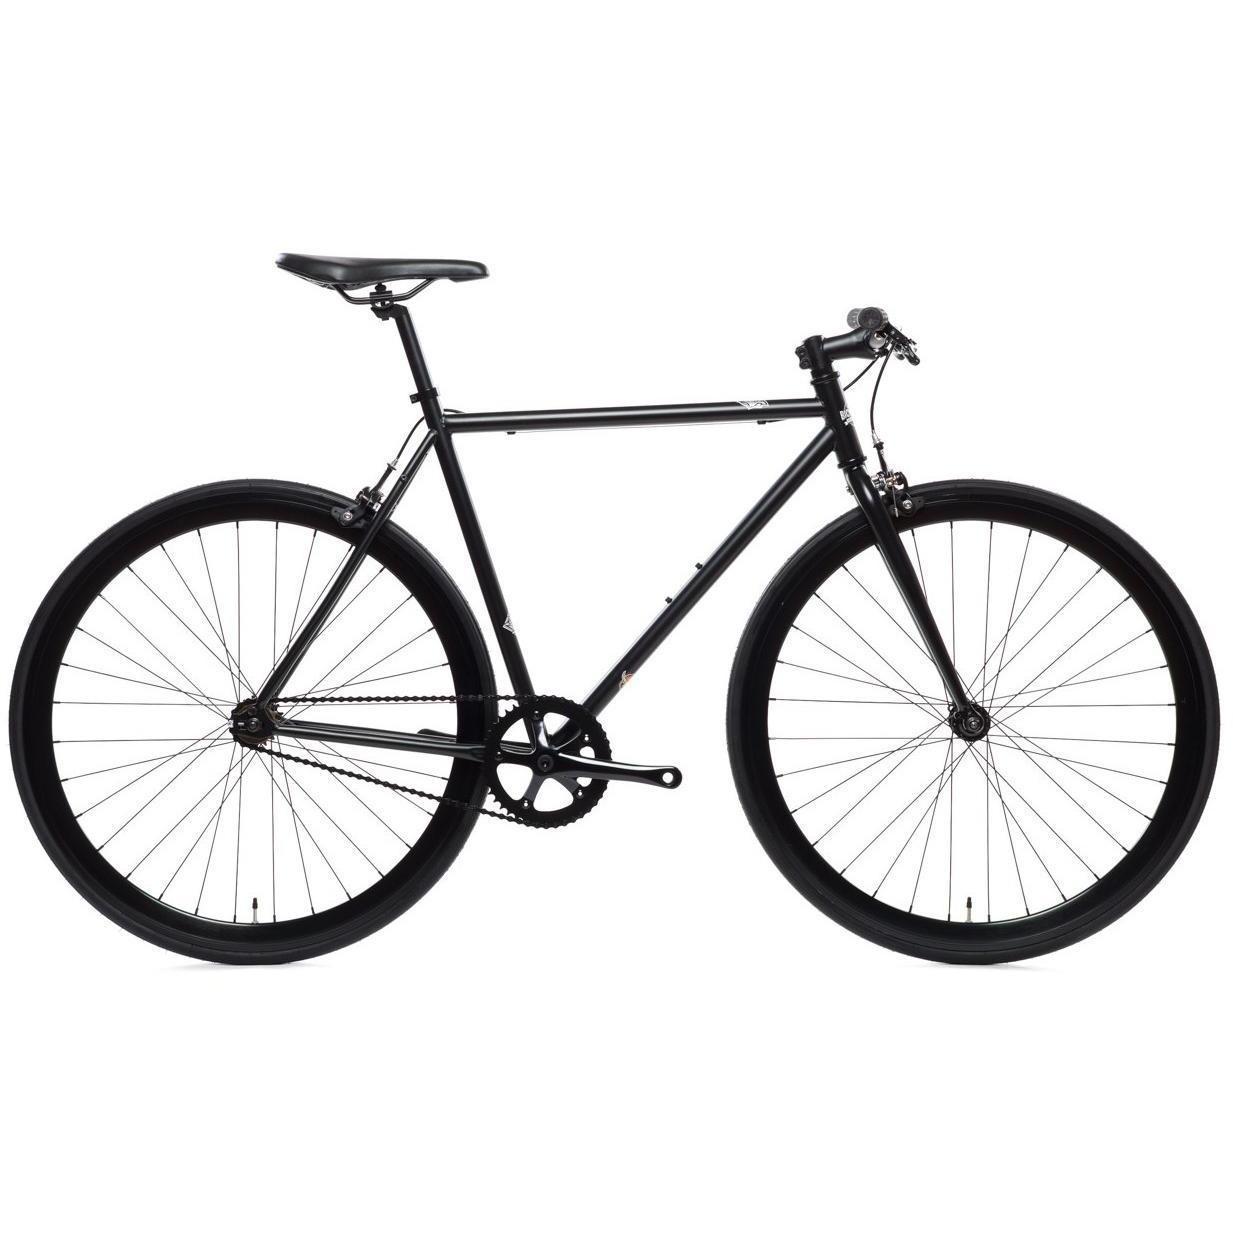 1233x1233 State Bicycle Co. Line Wulf Black Fixed Gear Bike Brooklyn Fixed